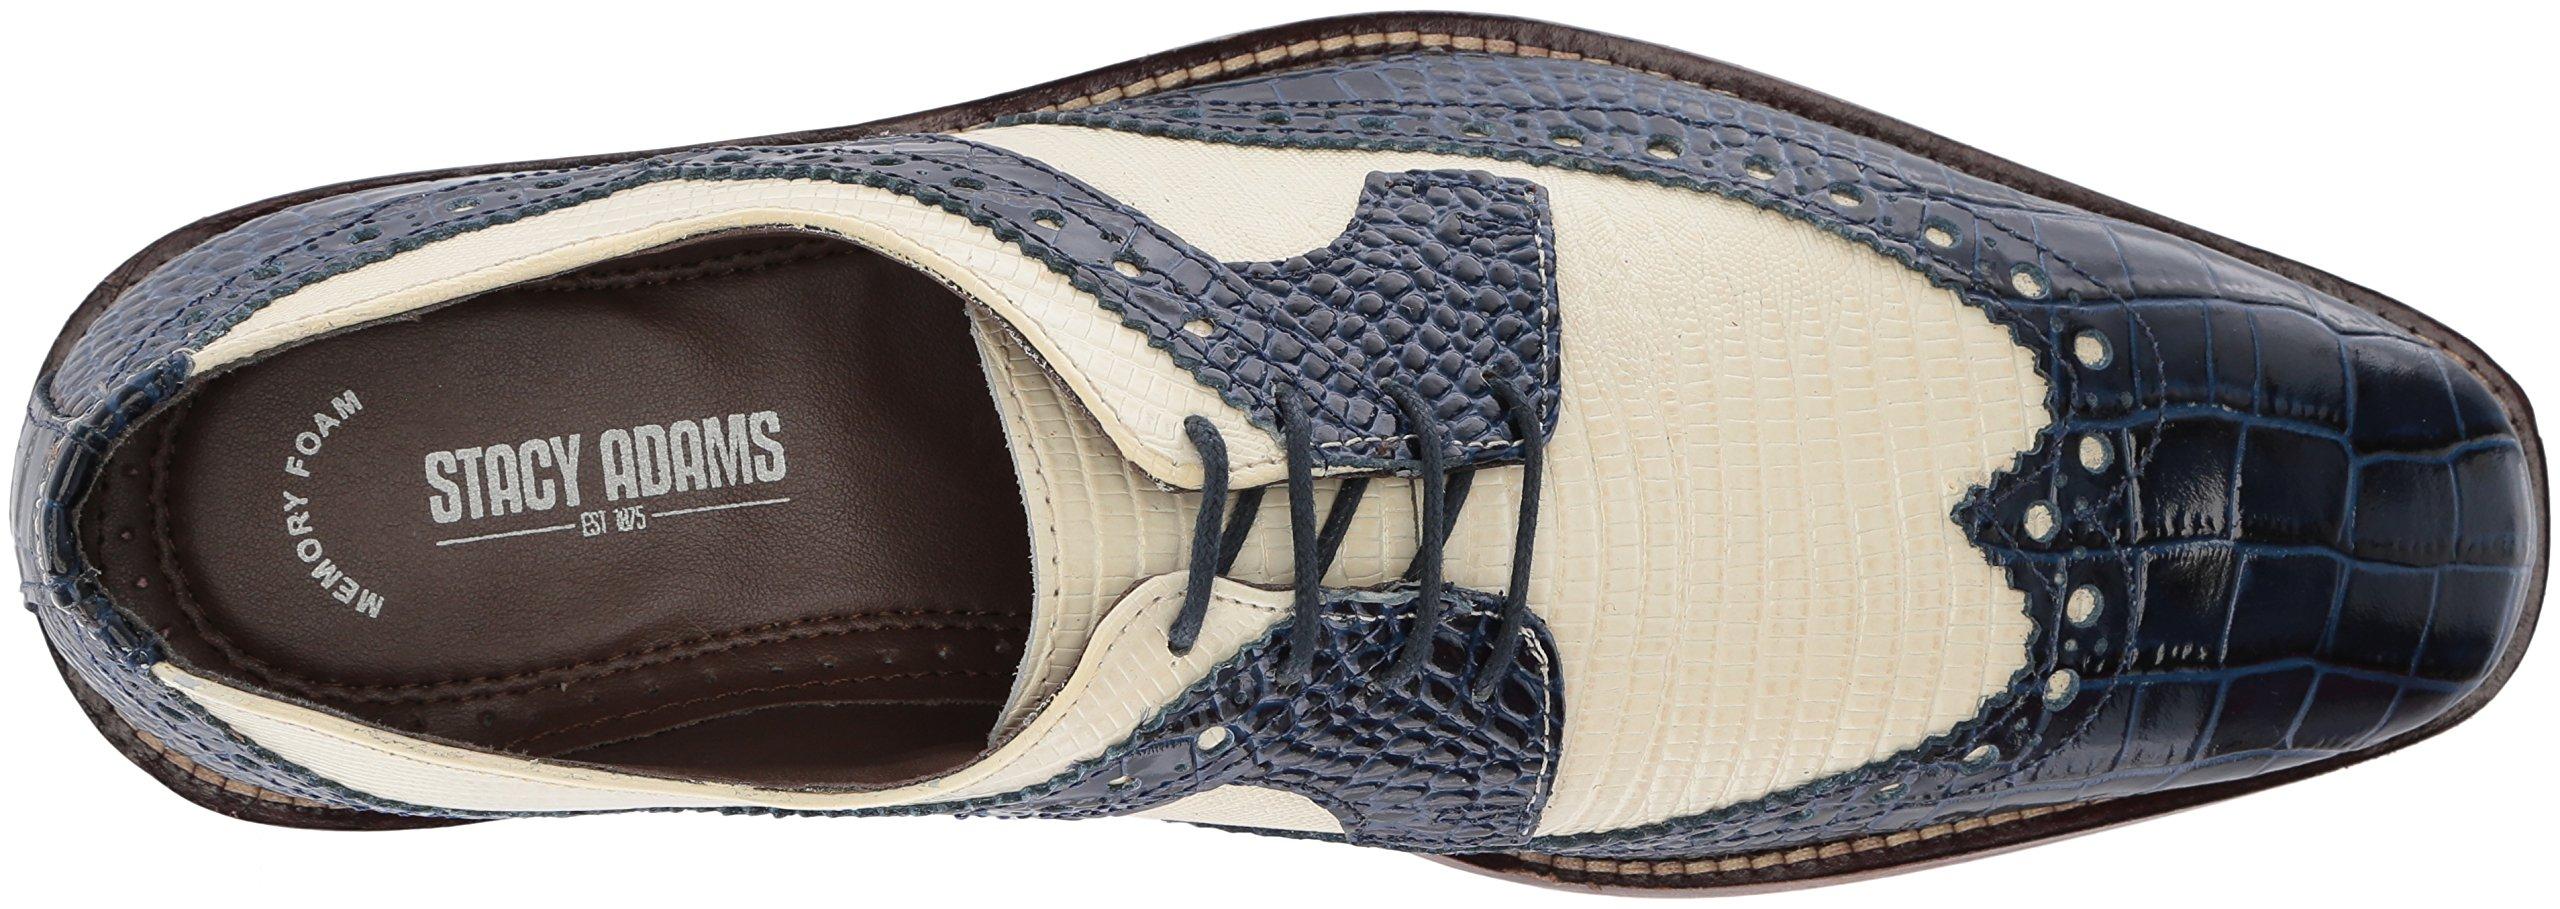 Dress Shoes Men's Shoes Stacy Adams